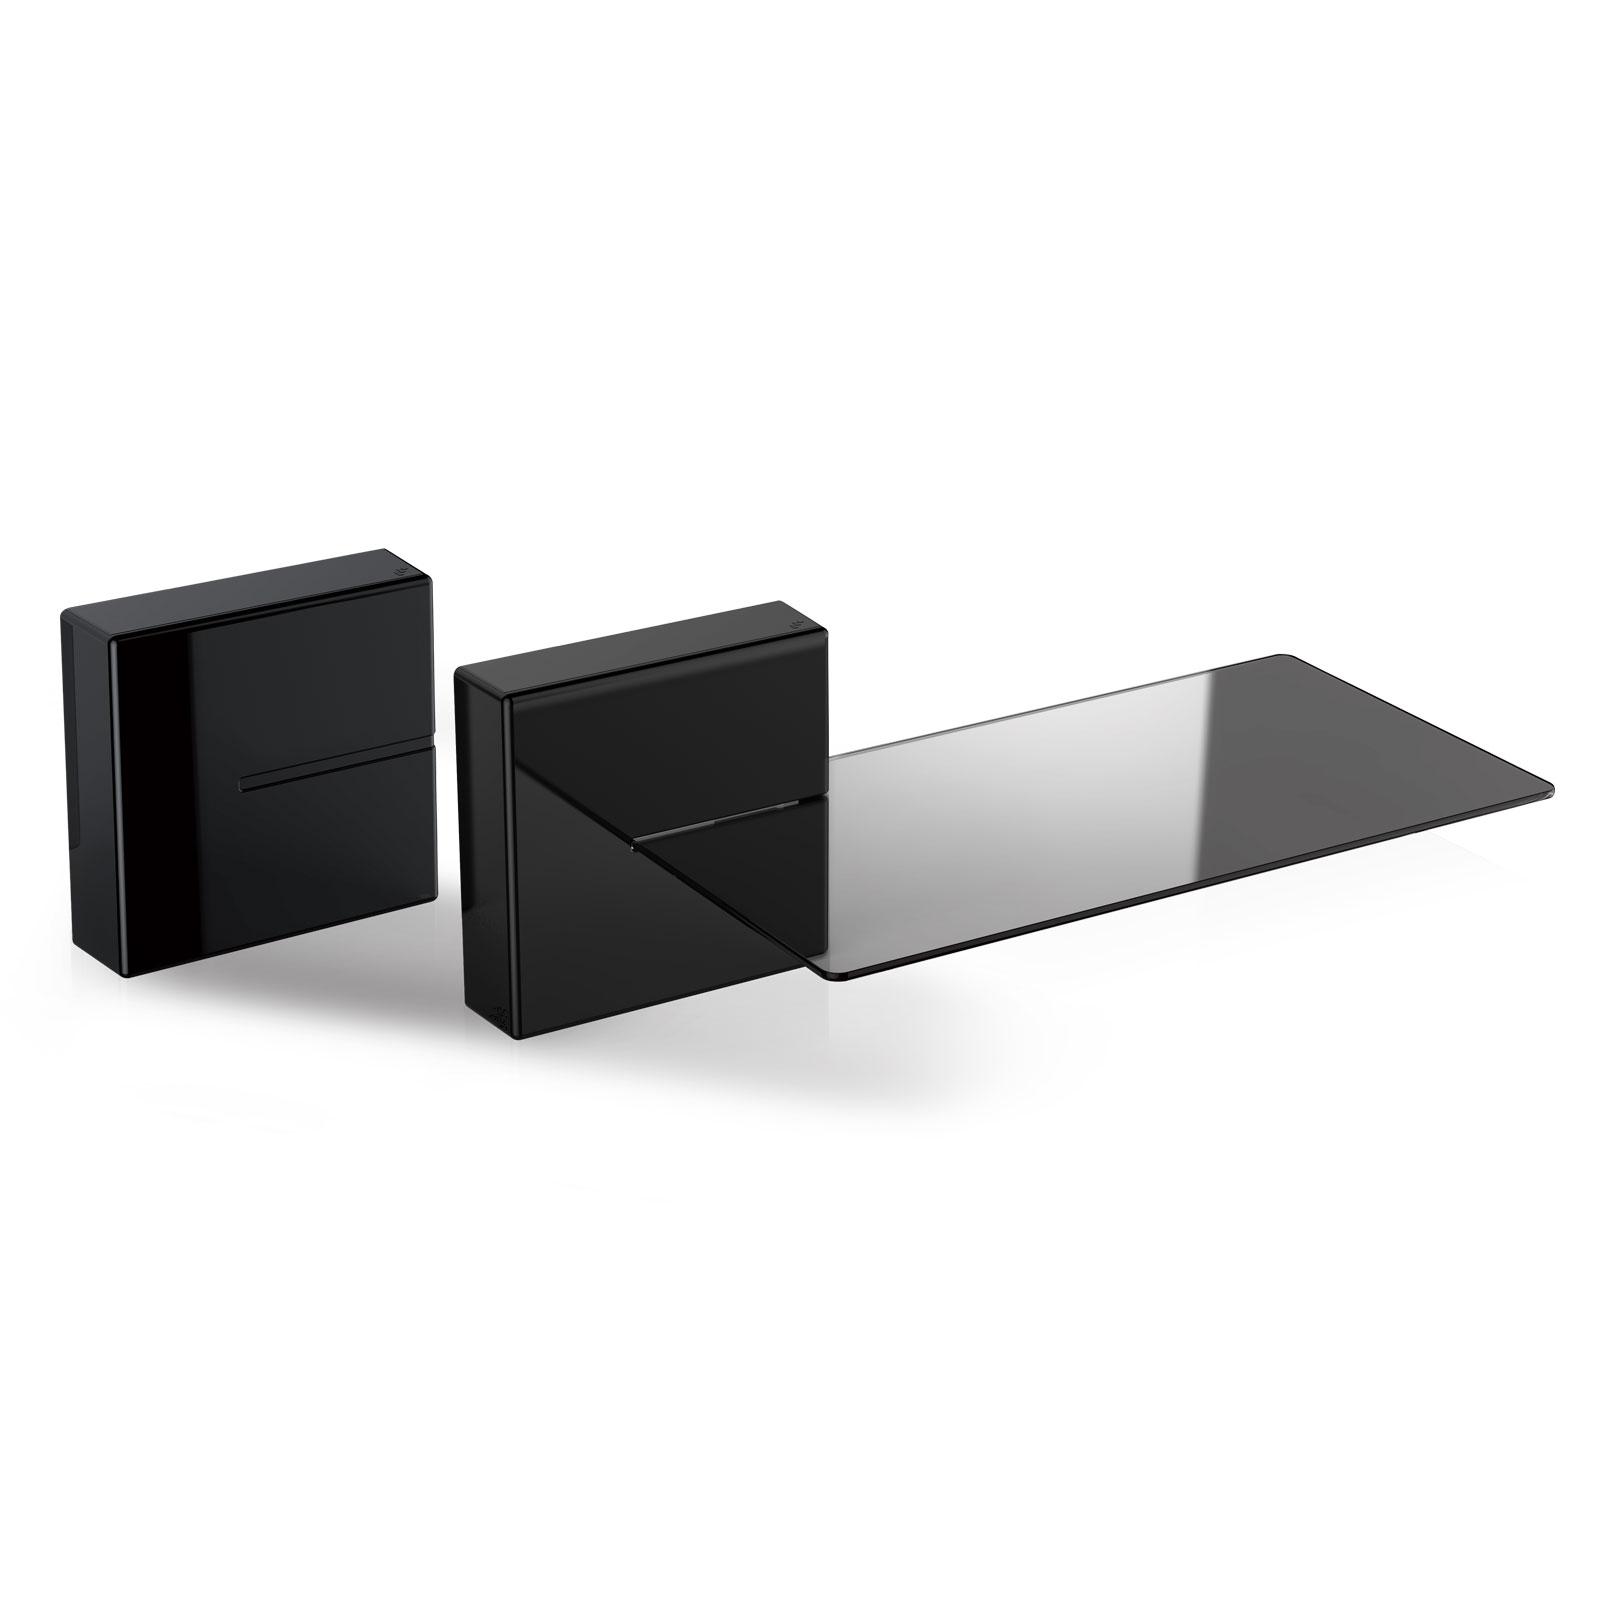 Meliconi Ghost Cube Shelf Noir Meuble Tv Meliconi Sur Ldlc Com